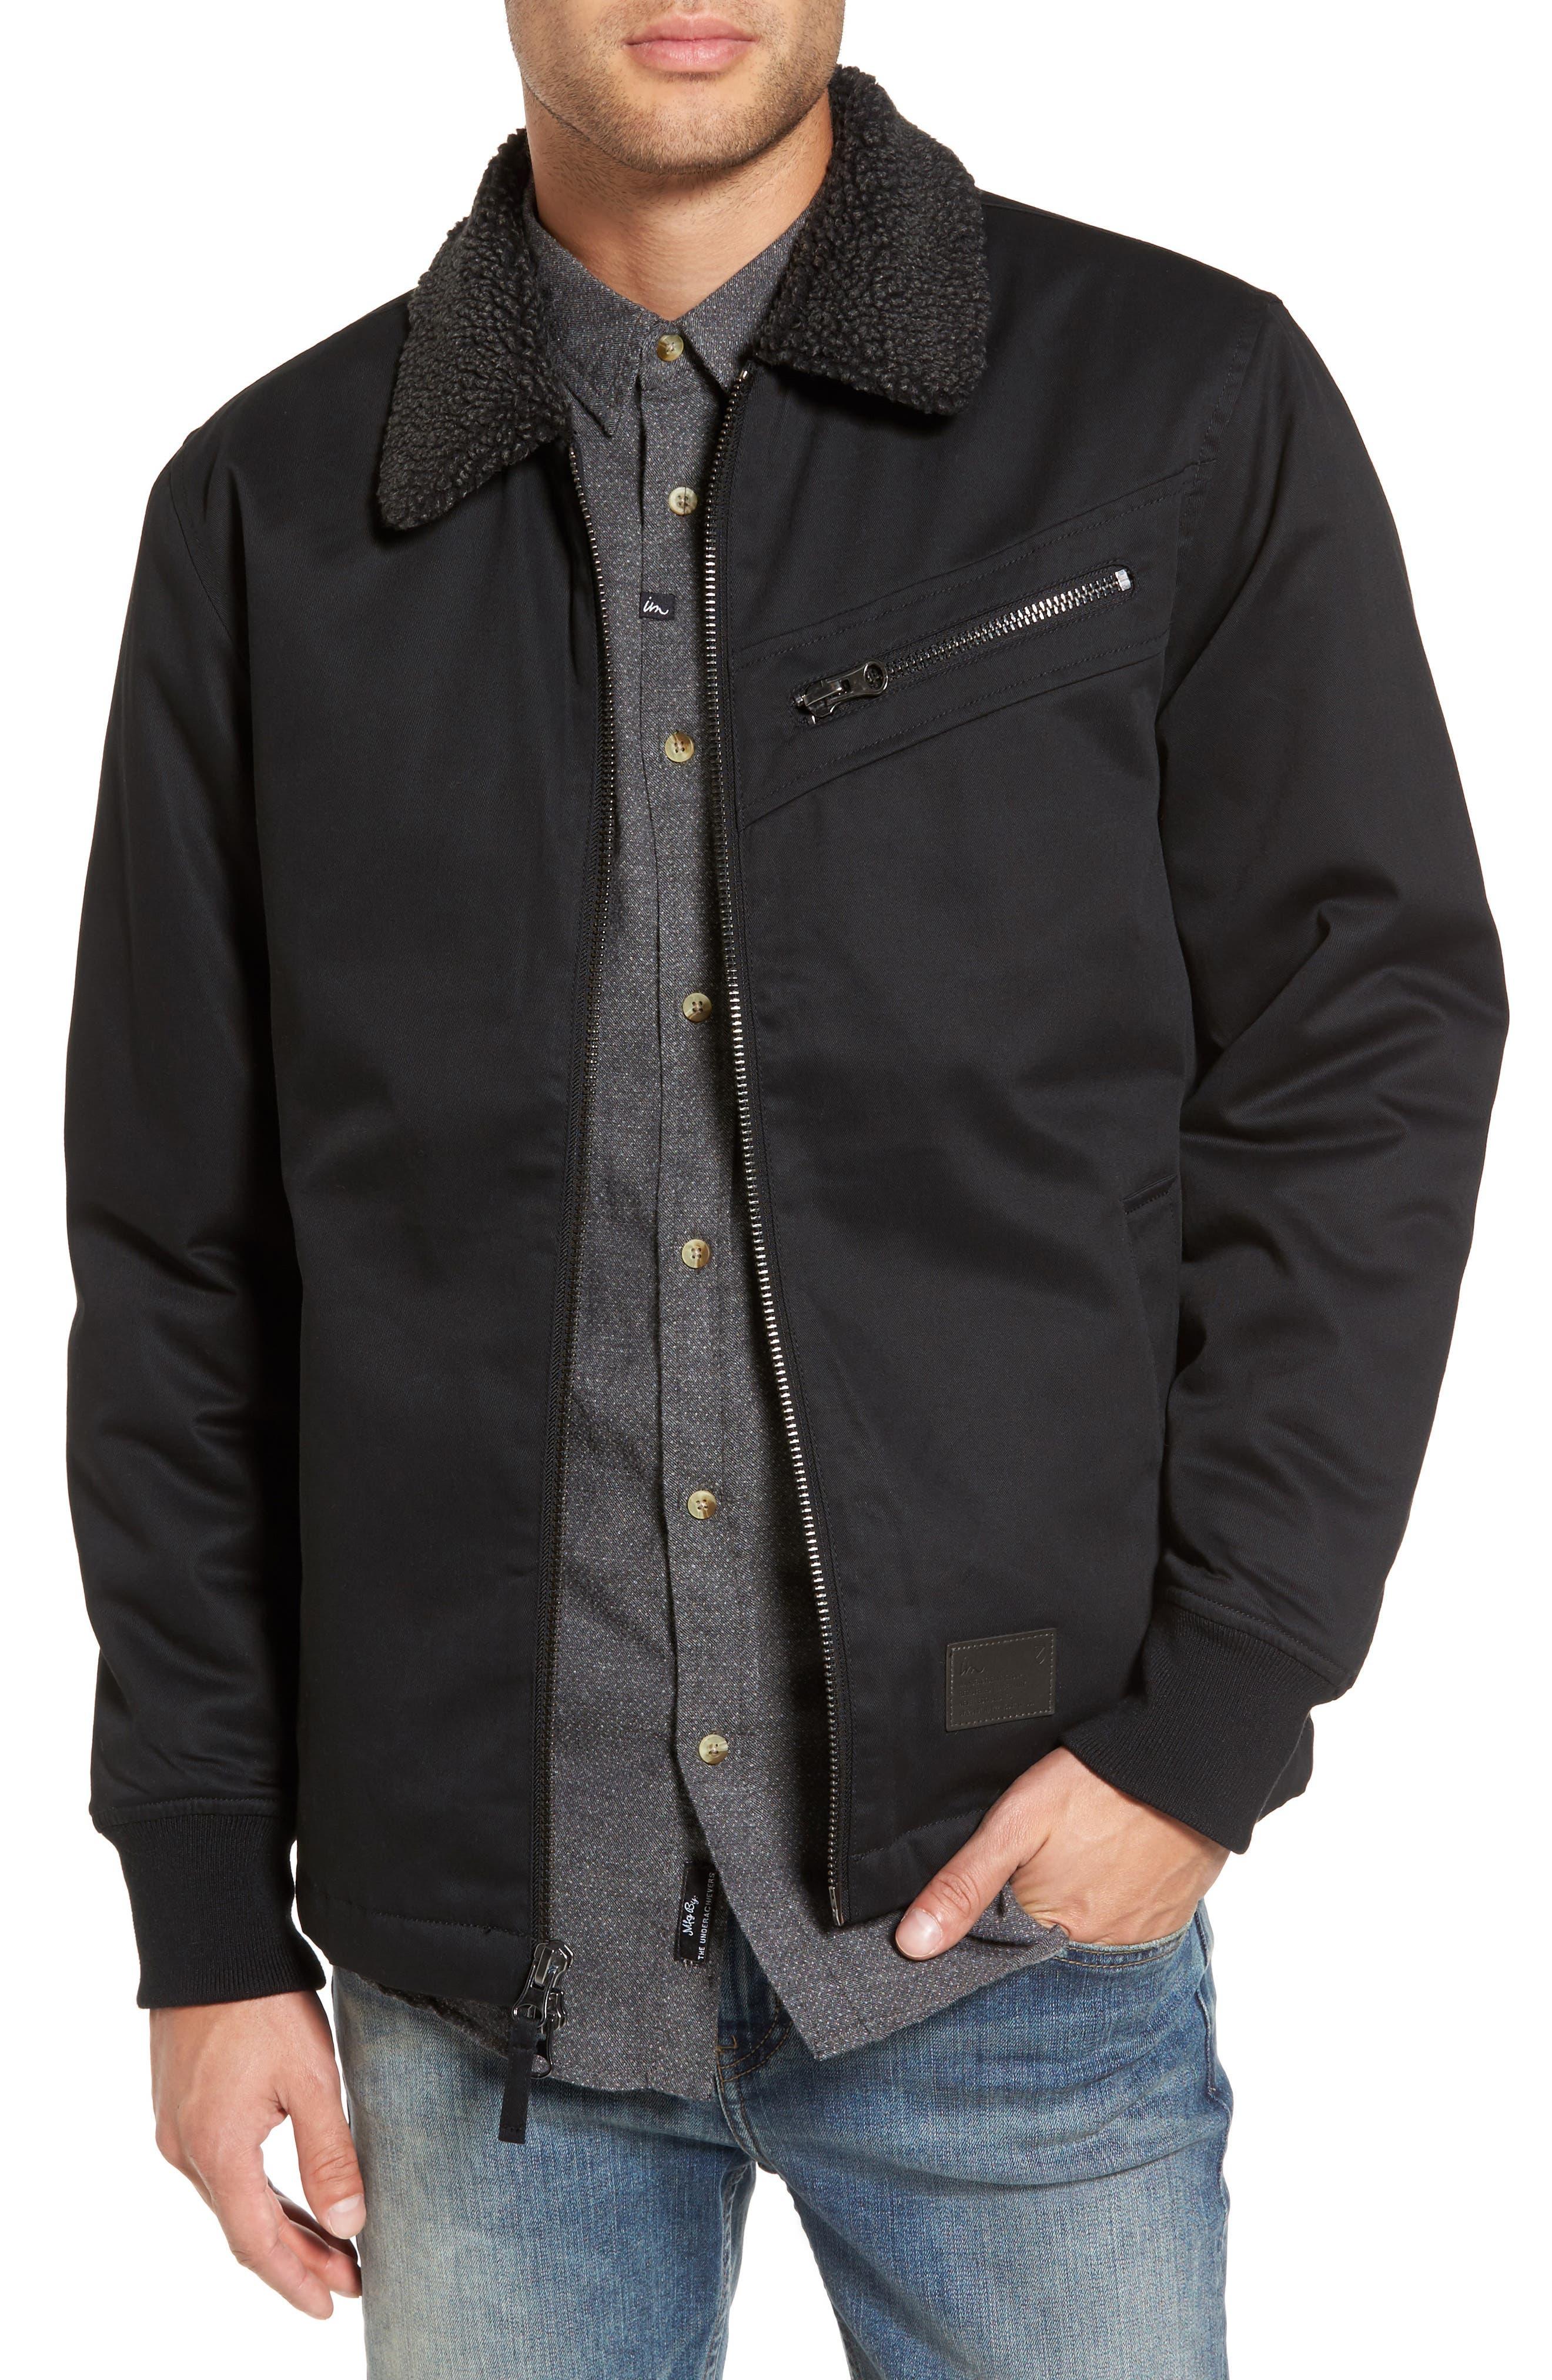 Maddox Jacket,                             Main thumbnail 1, color,